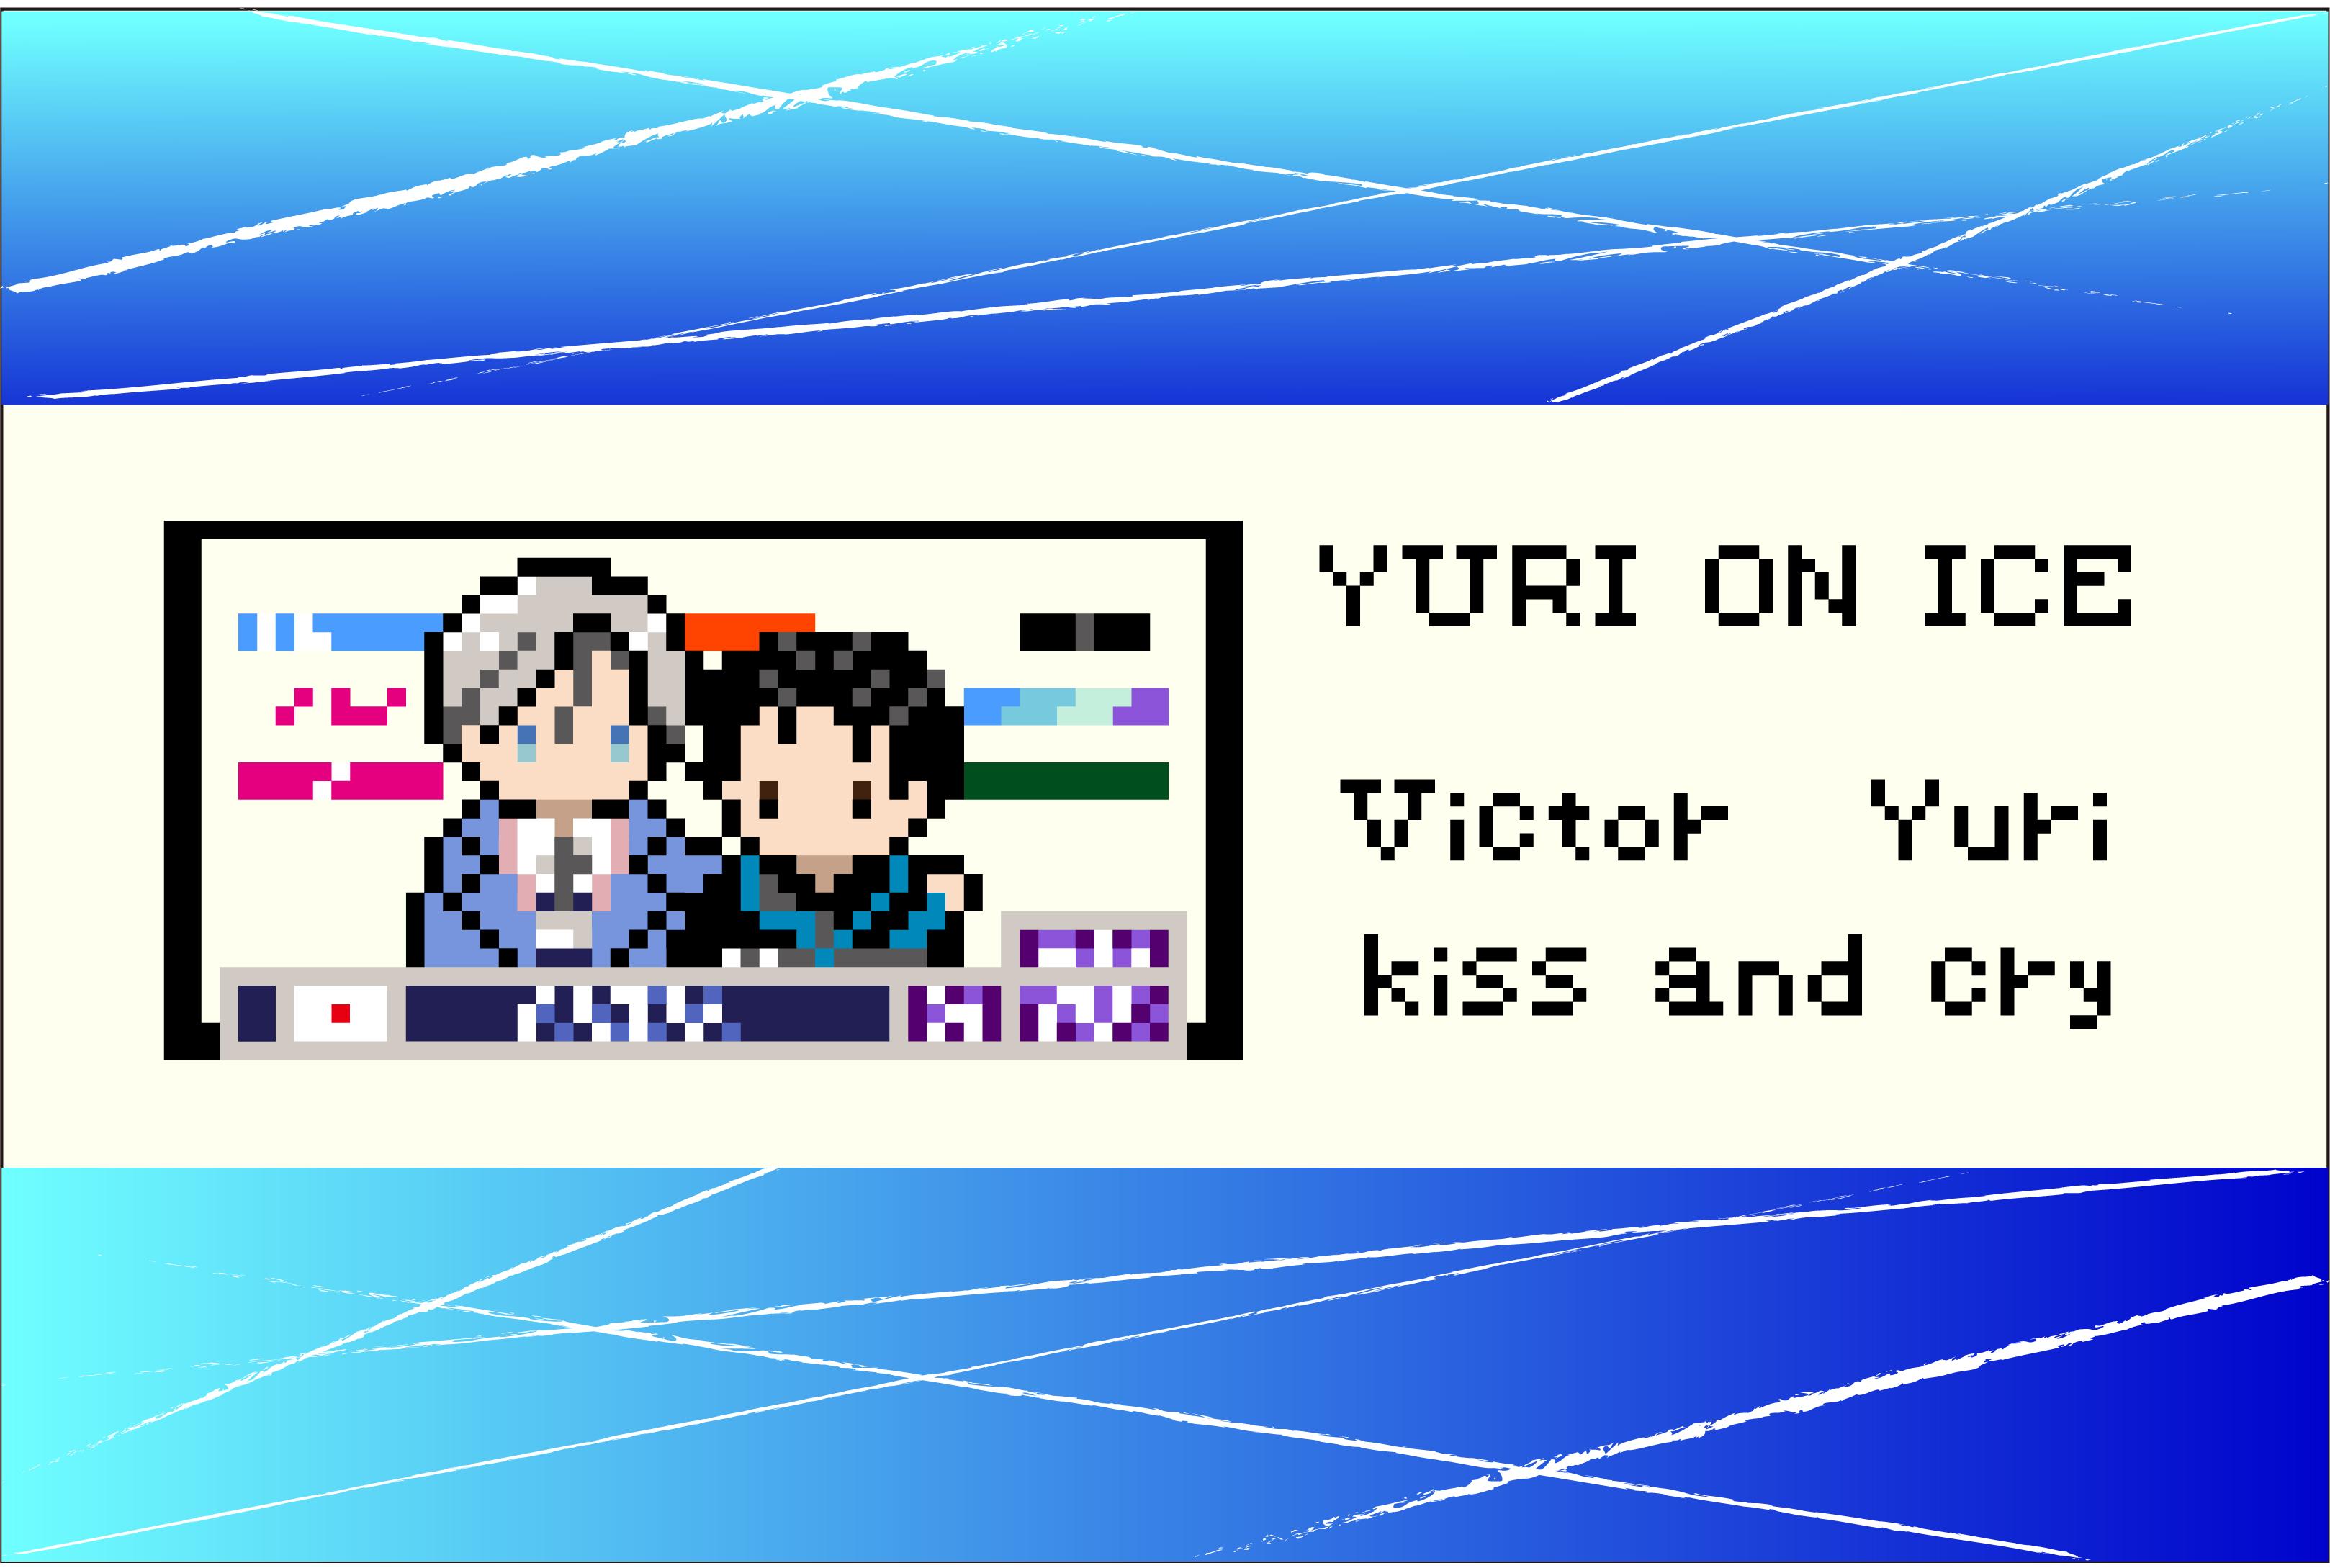 【ユーリオンアイス】ヴィクトルと勇利の11話キスクラ風景のアイロンビーズ図案